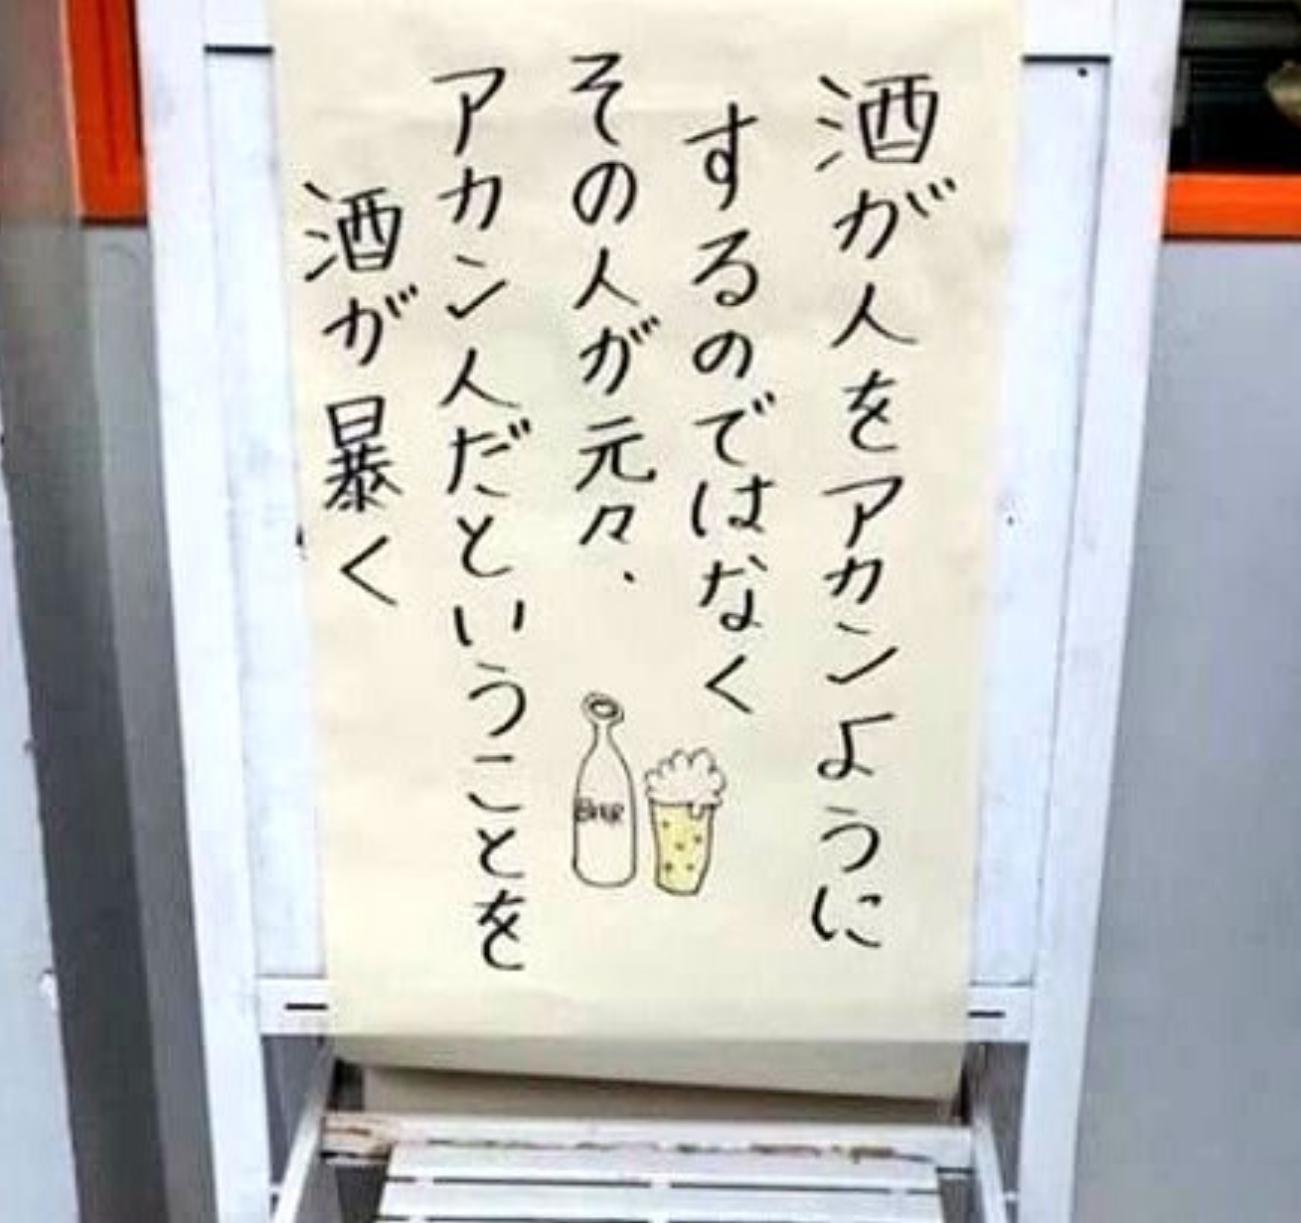 会計待ちの客にラーメンかけやけど負わせる 暴行容疑で男逮捕 「時間たっており熱くなかった」京都